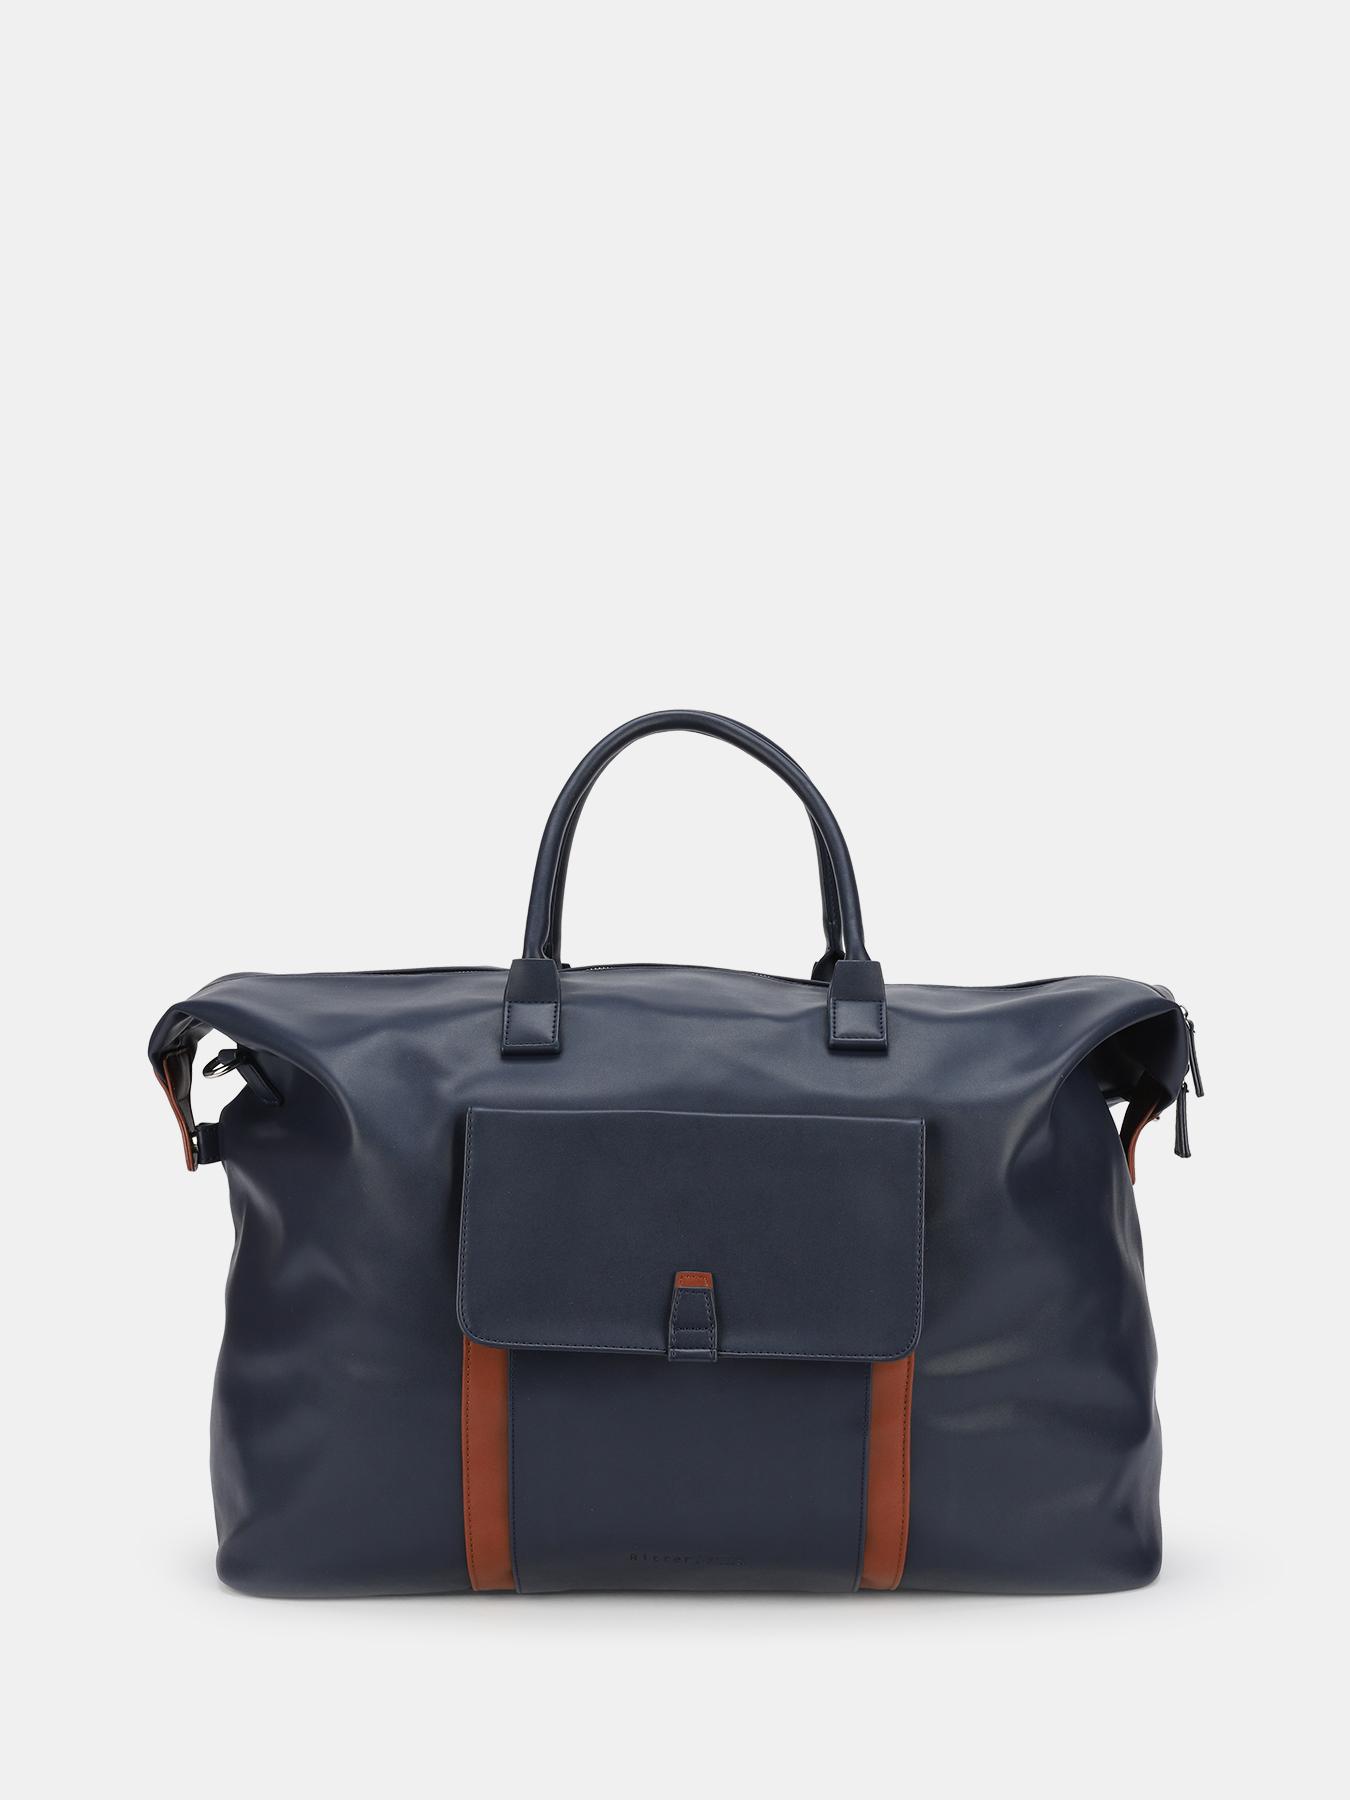 Фото - Дорожные сумки Ritter Jeans Дорожная сумка феникс сумка мешок дорожная монстрик в оранжевом свитере 48646 оранжевый